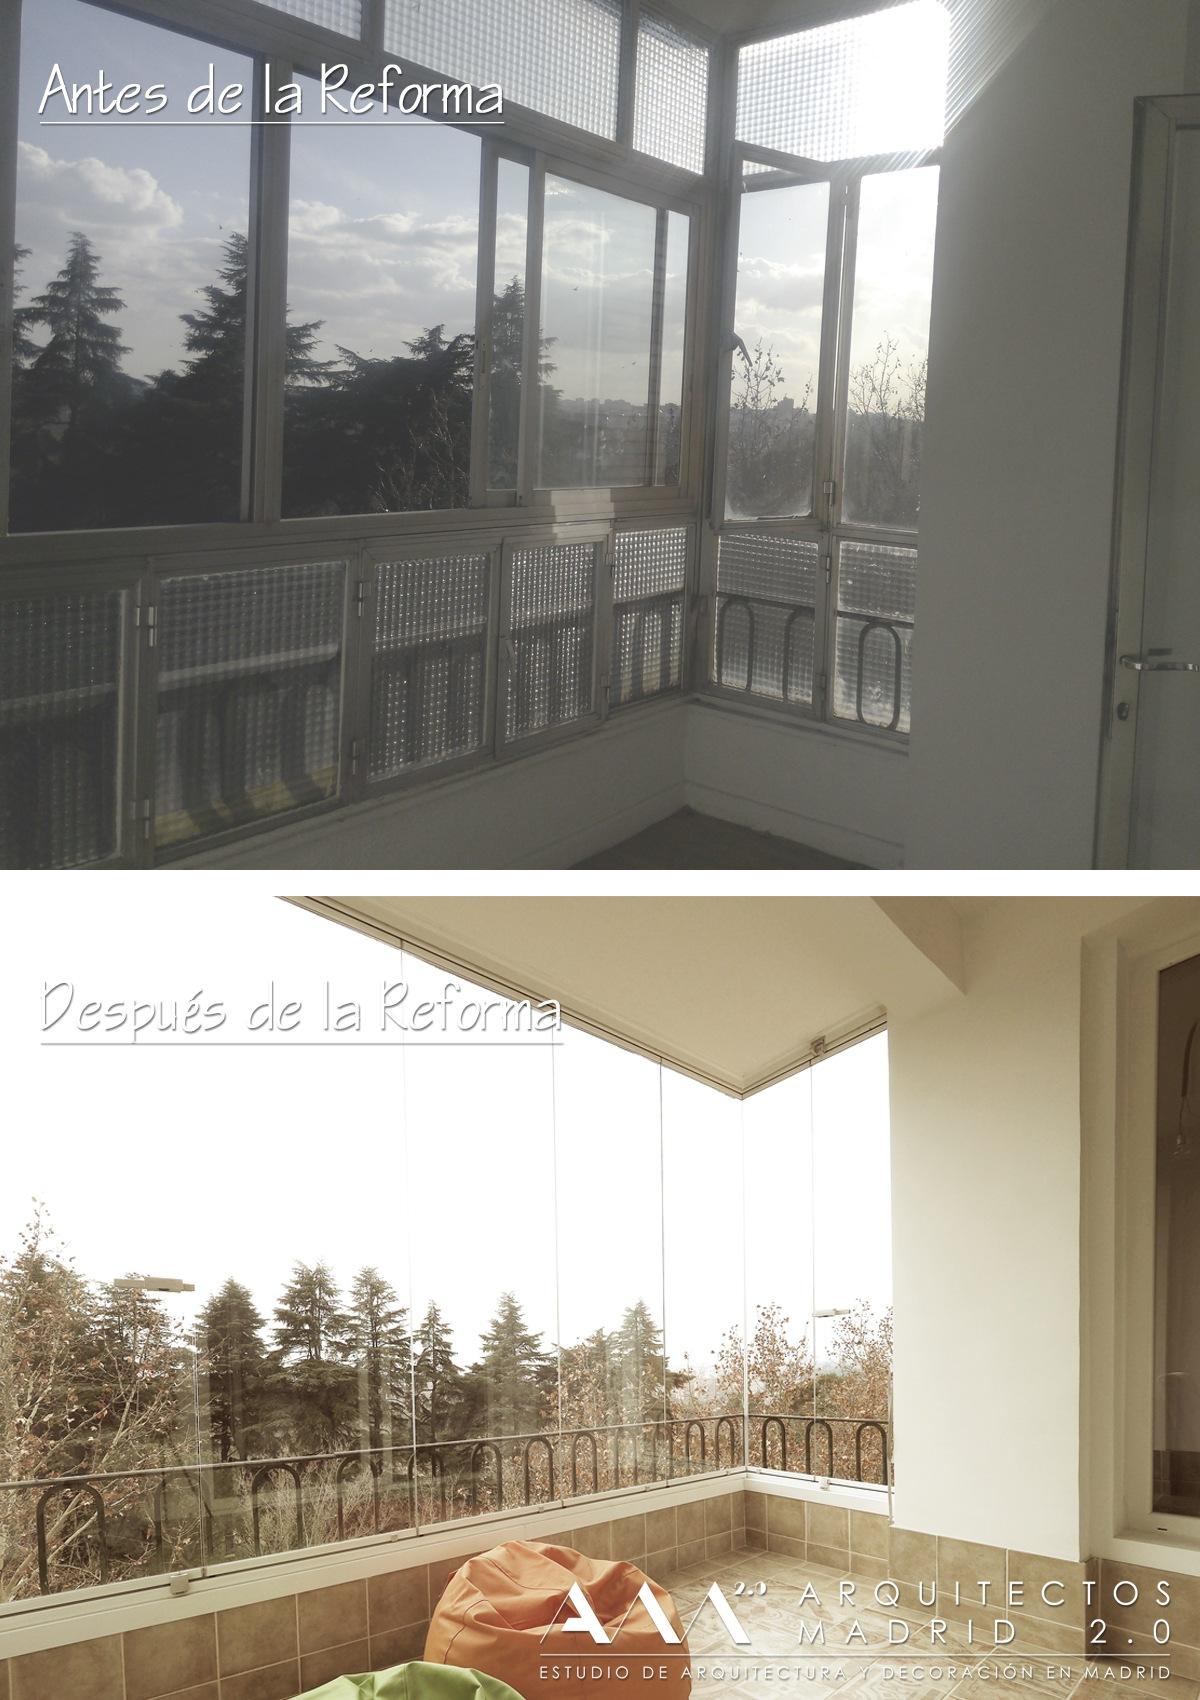 reformas-viviendas-ideas-antes-despues-pisos-casas-obras-24